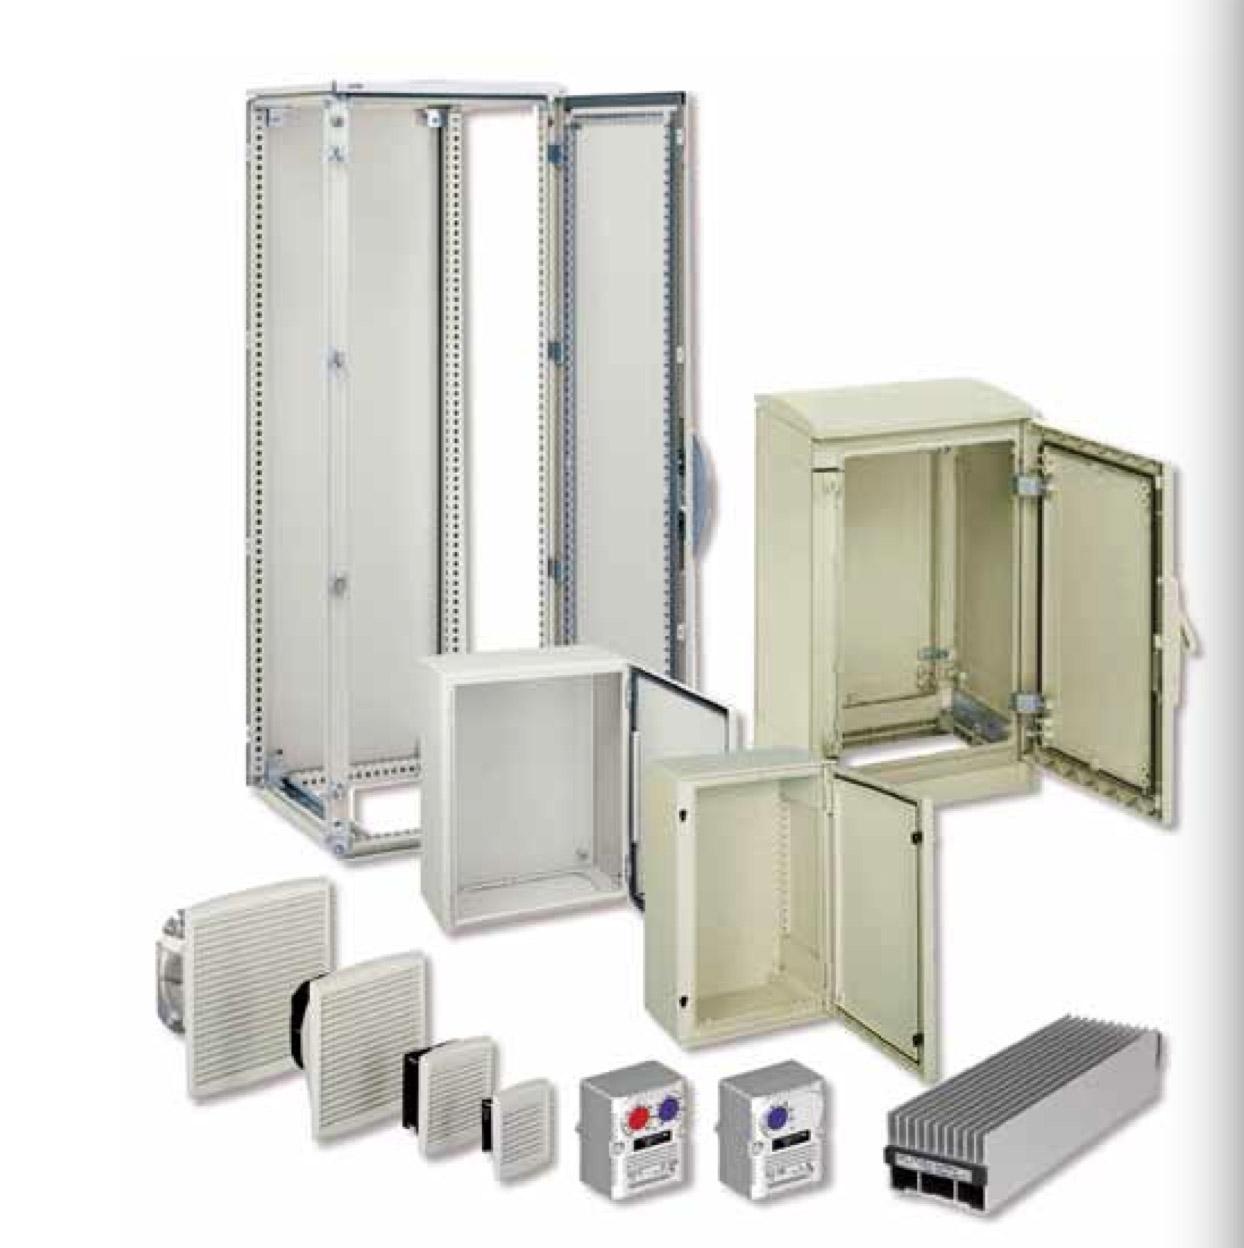 施耐德电柜-落地式组装金属机柜